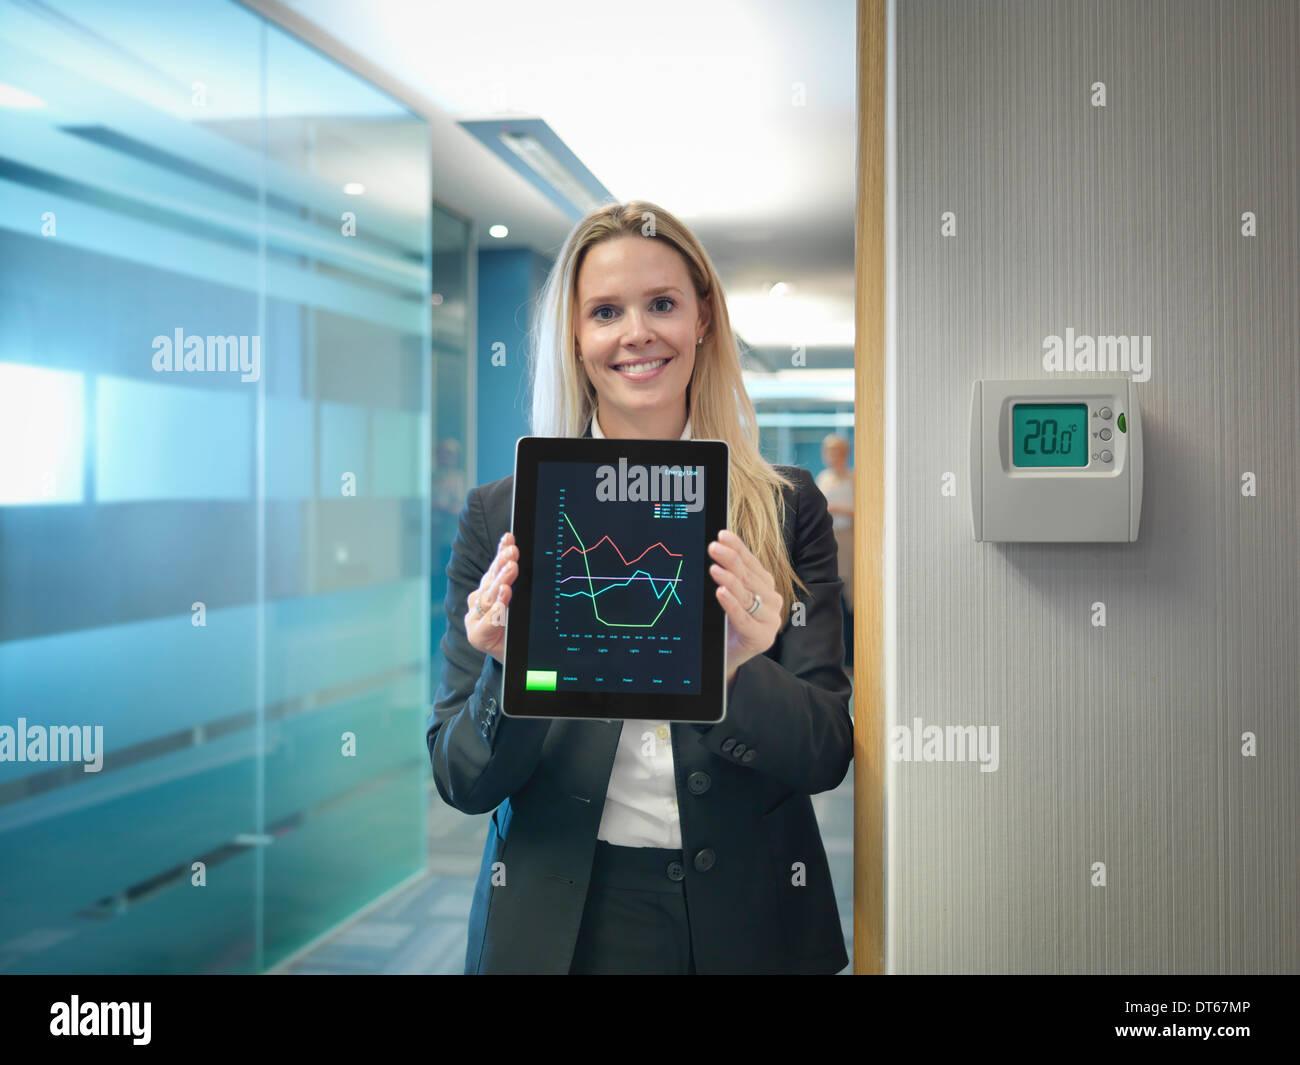 Retrato de trabajador de oficina celebración tablet digital junto a Office ajusta el termostato para ahorrar energía Imagen De Stock